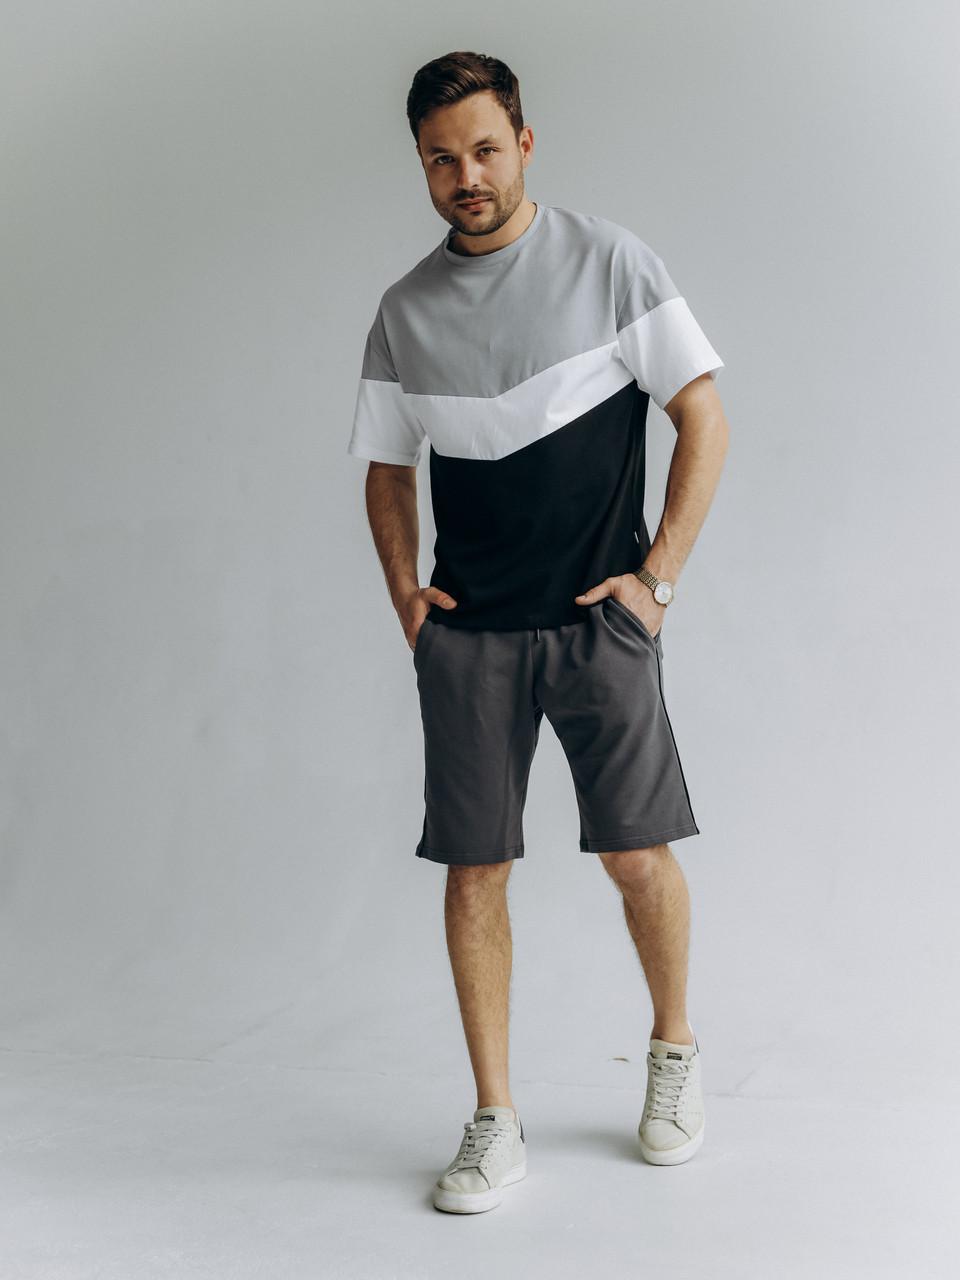 Мужской летний прогулочный спортивный комплект черные шорты и футболка трехцветная